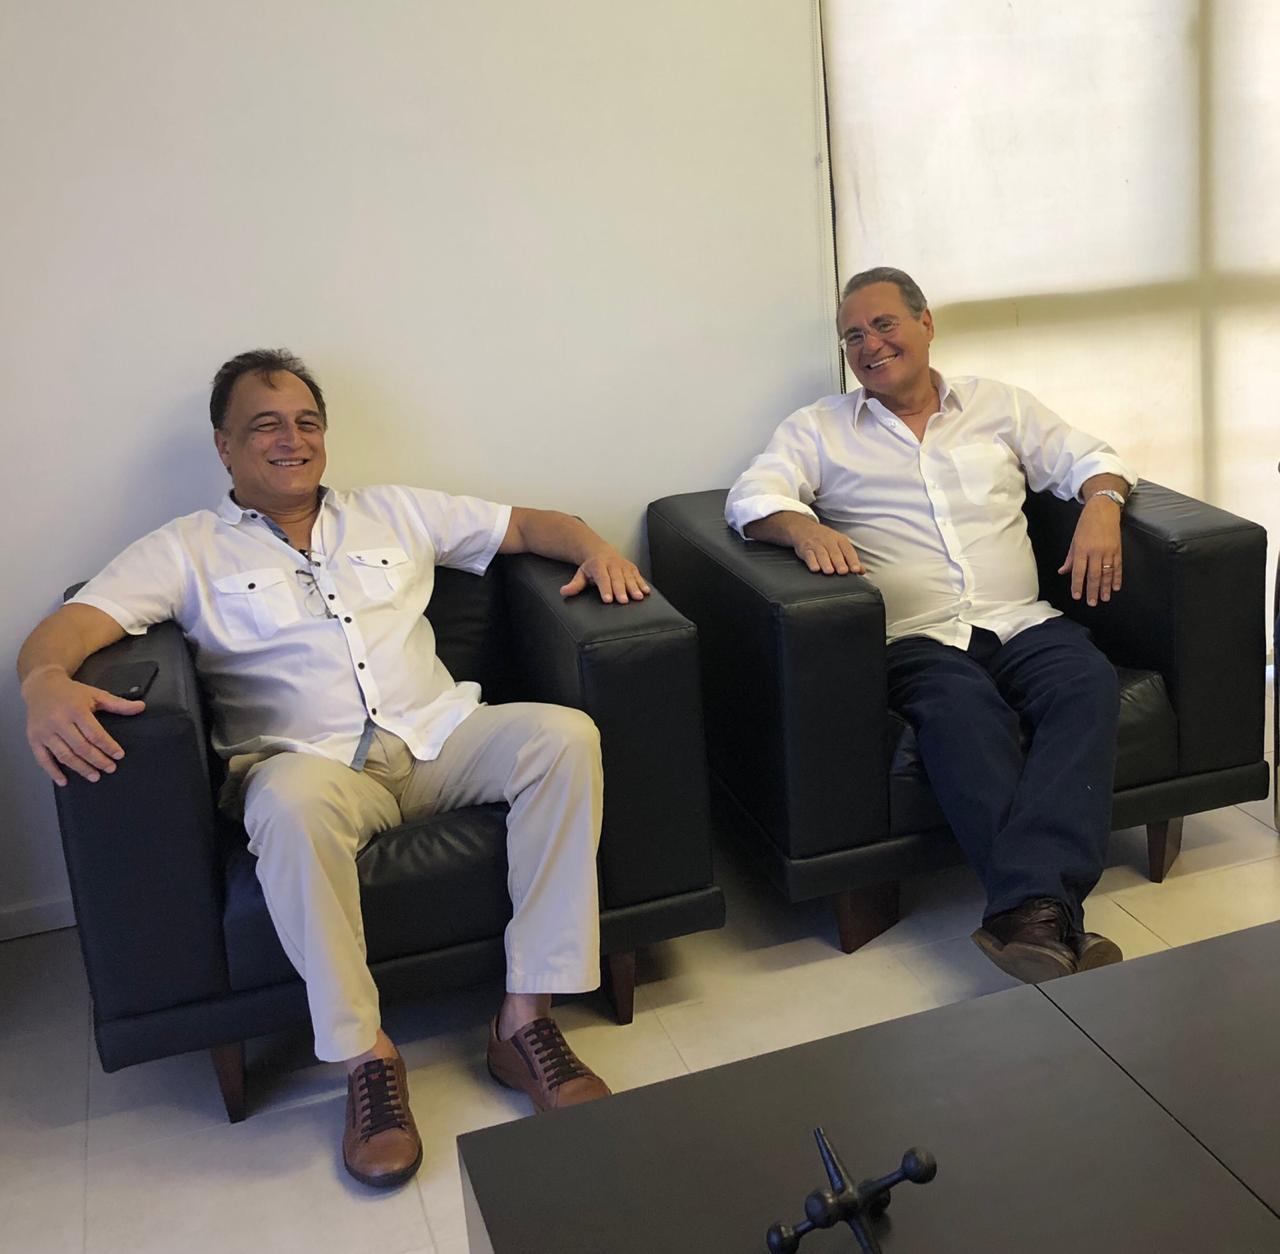 MDB de Maceió realiza convenção e começa a trabalhar eleição de 2020